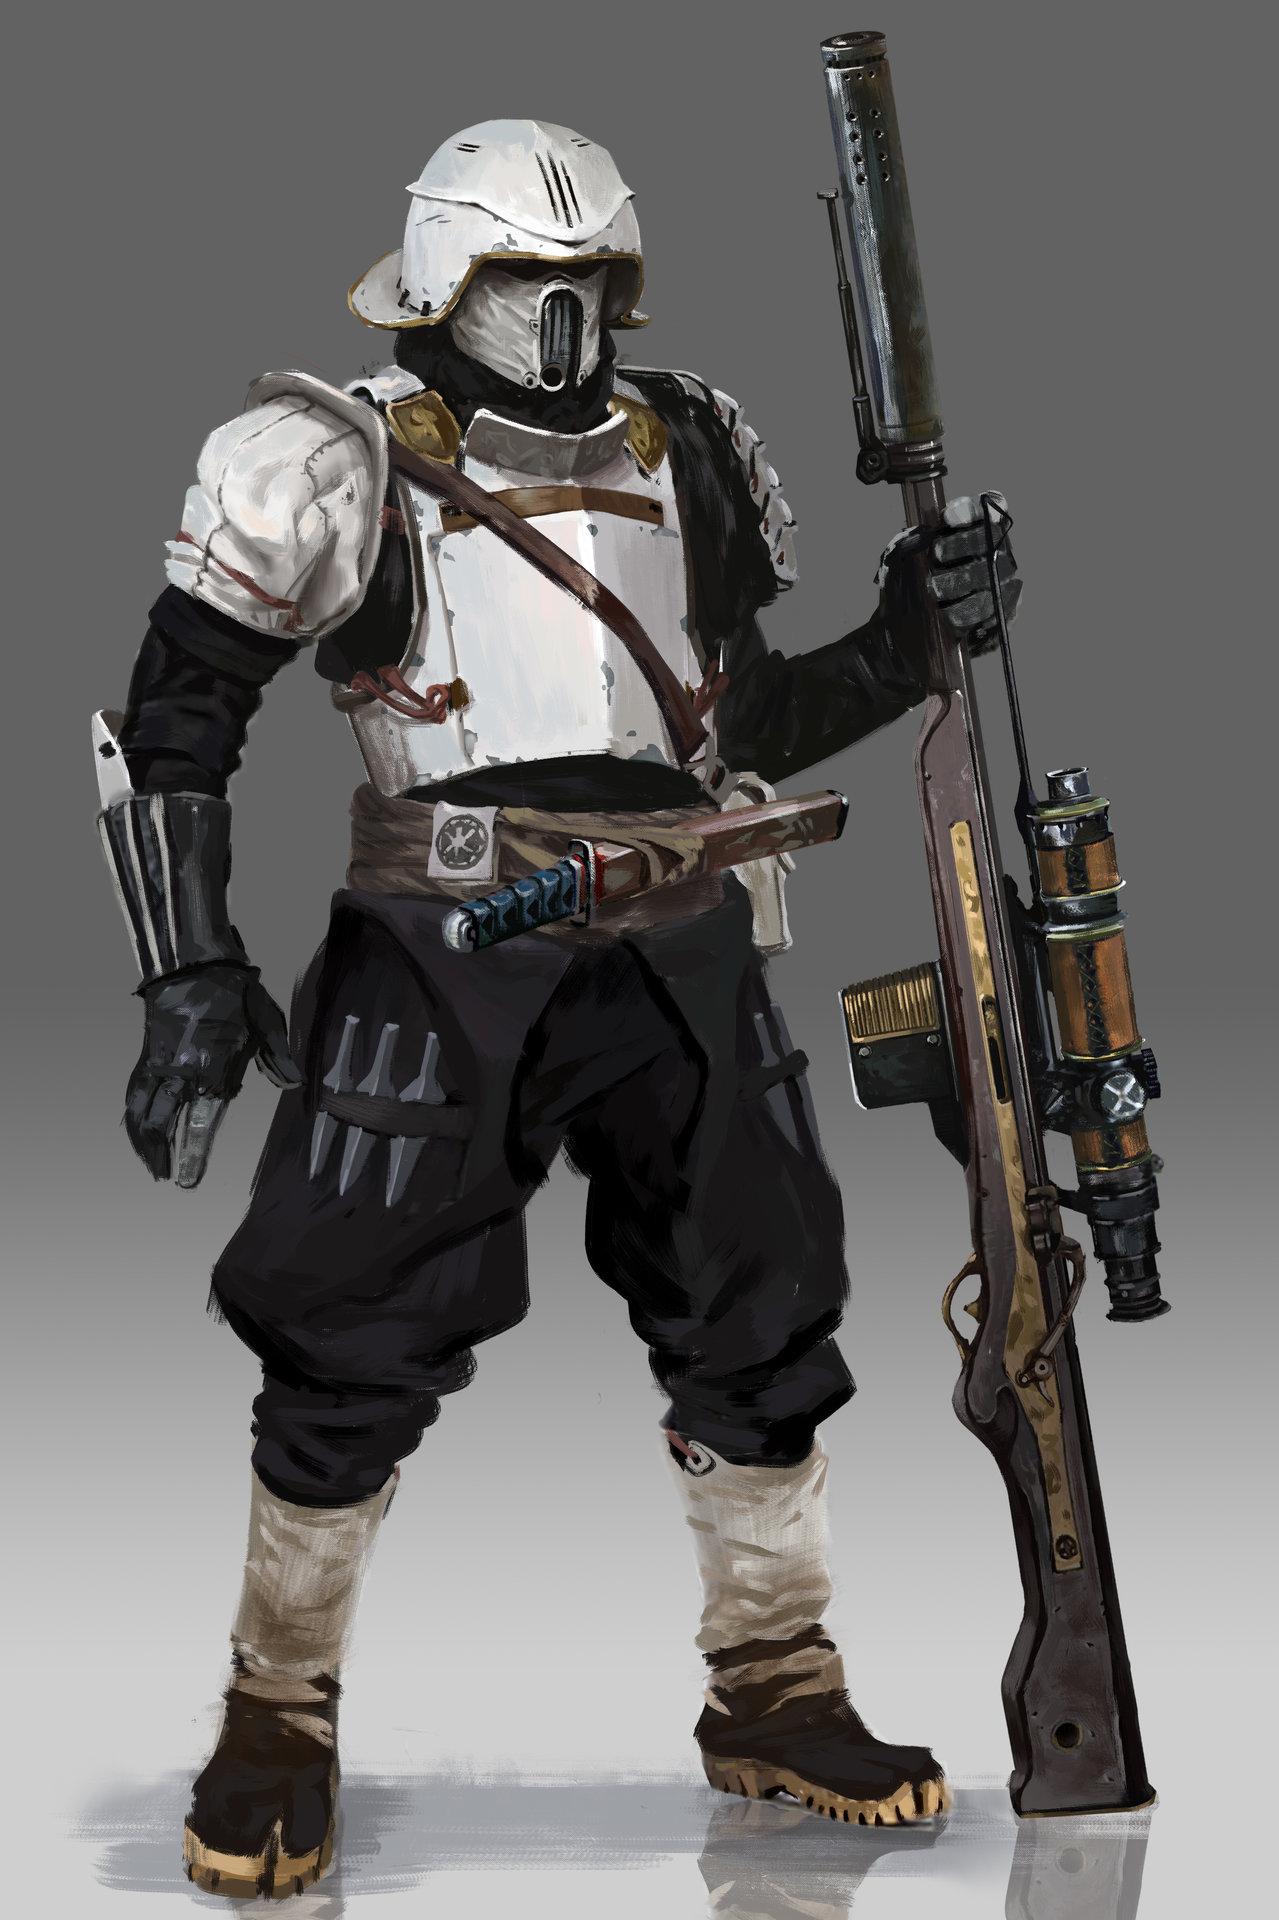 Roberto robert scout trooper